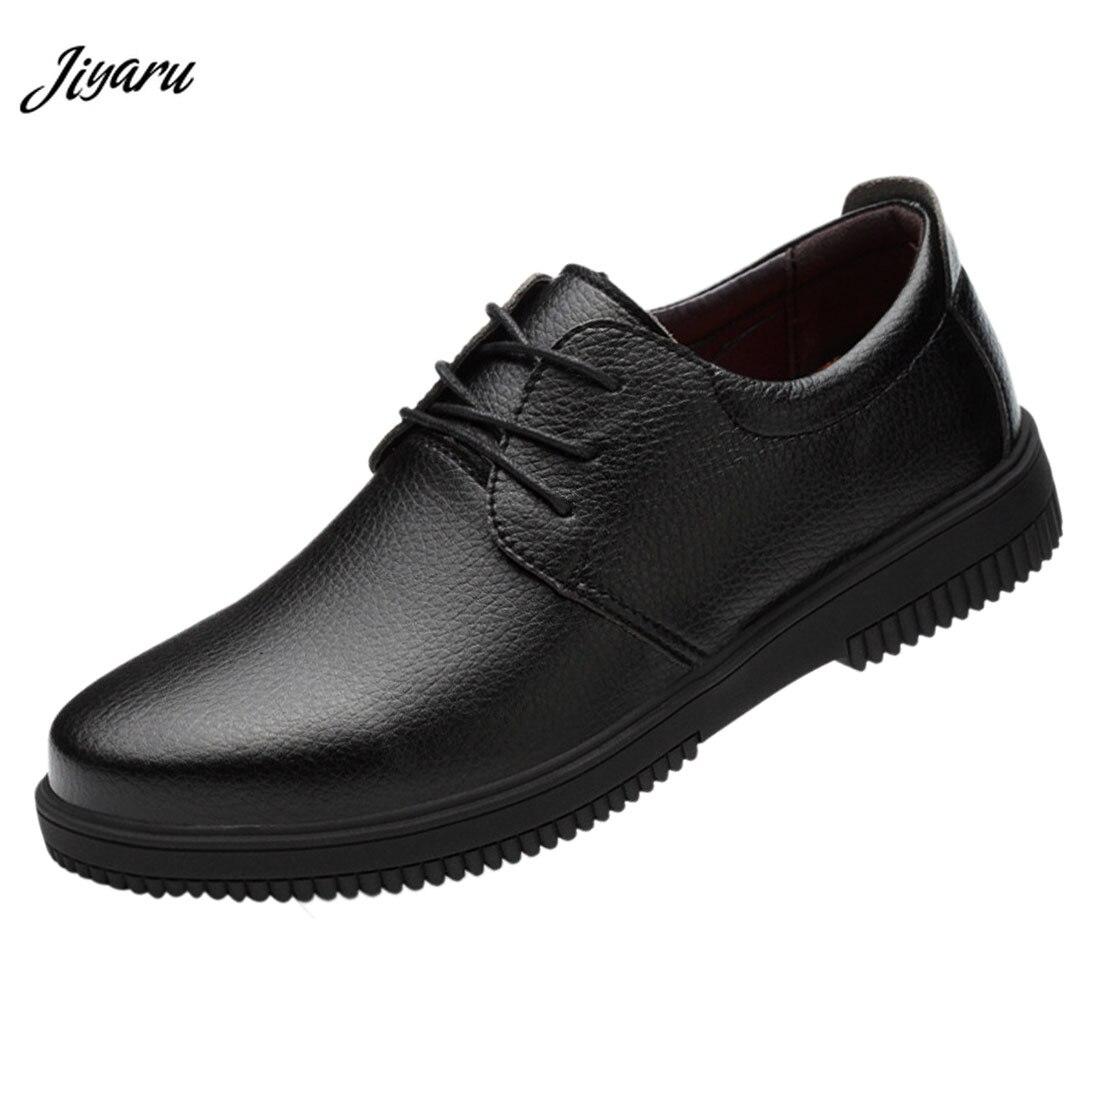 2018 Chegada Nova Professional Chef Trabalho Anti-slip Sapatos Homens Restaurante Catering Cozinha Sapatos de Trabalho Não-Deslizamento Anti -óleo Sapatos Chefe